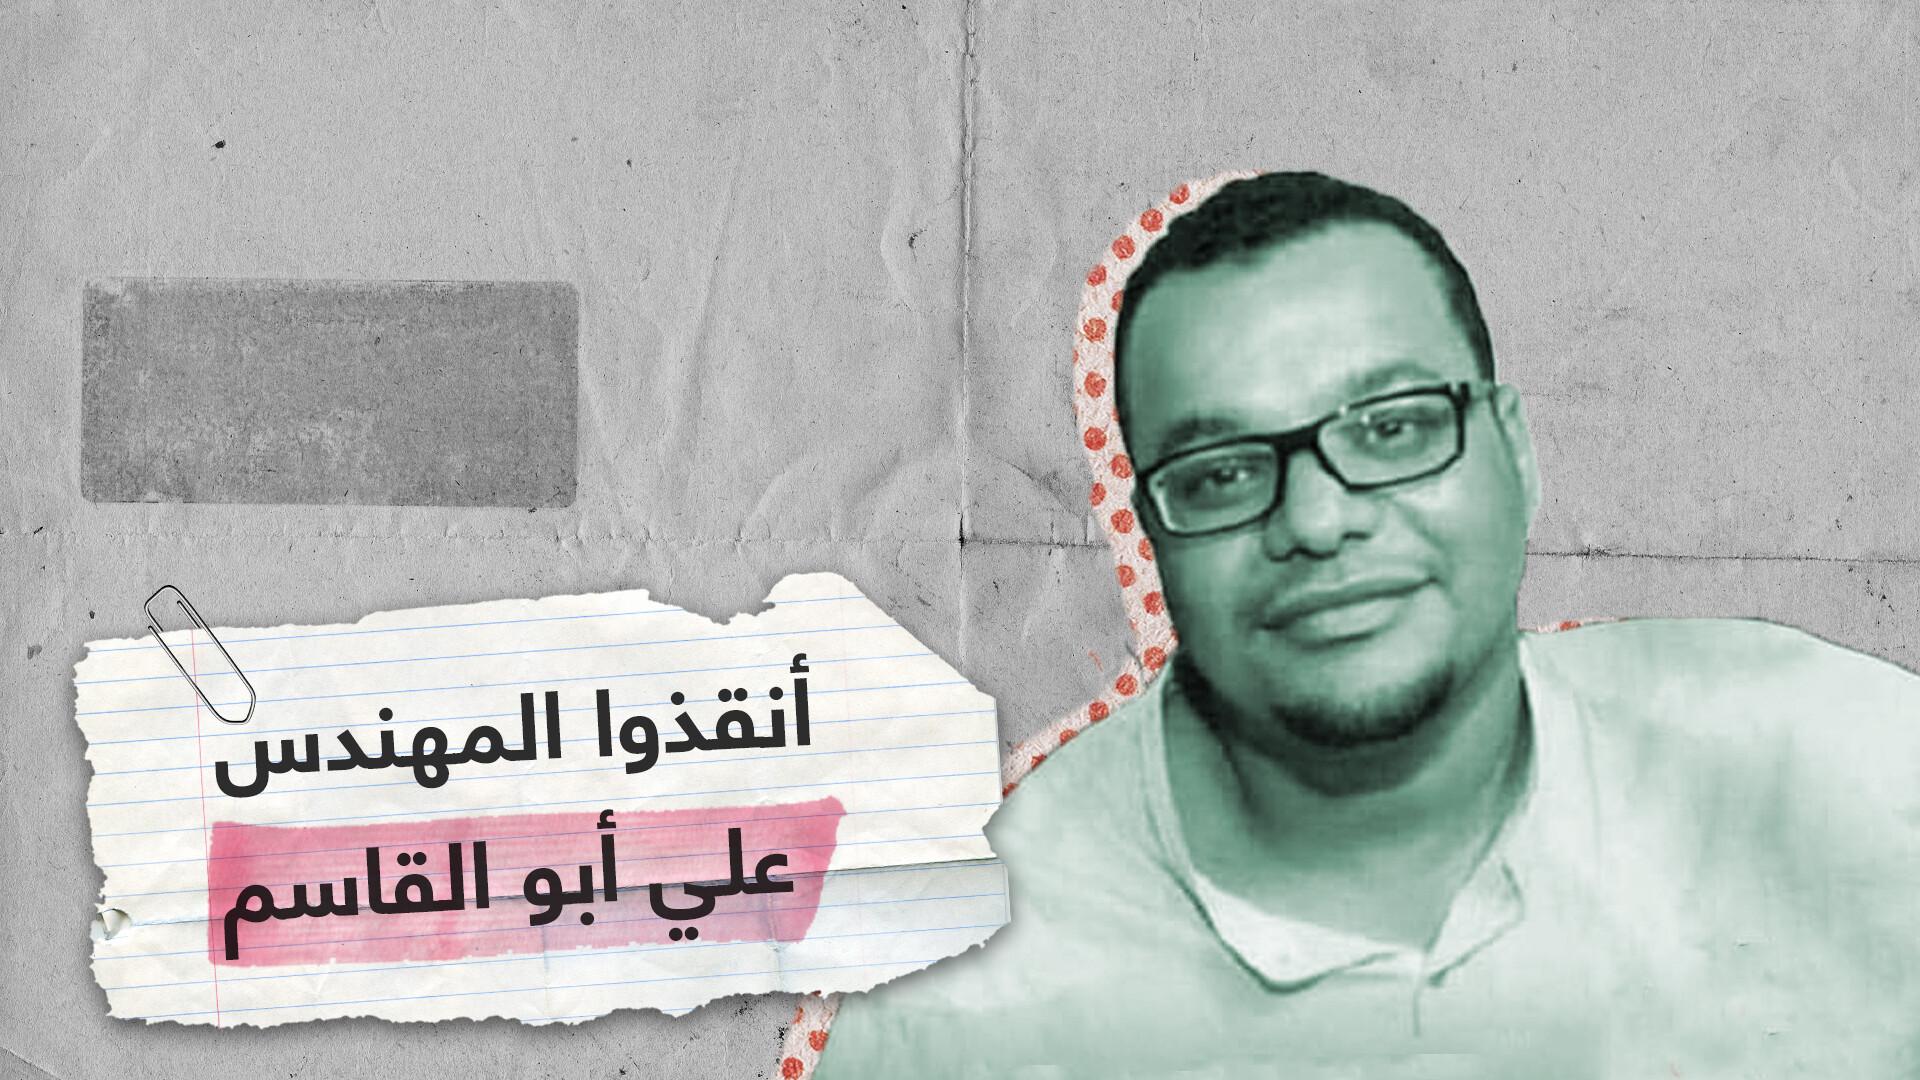 ما قصة المهندس المصري الذي ينتظر حكم الإعدام في السعودية؟